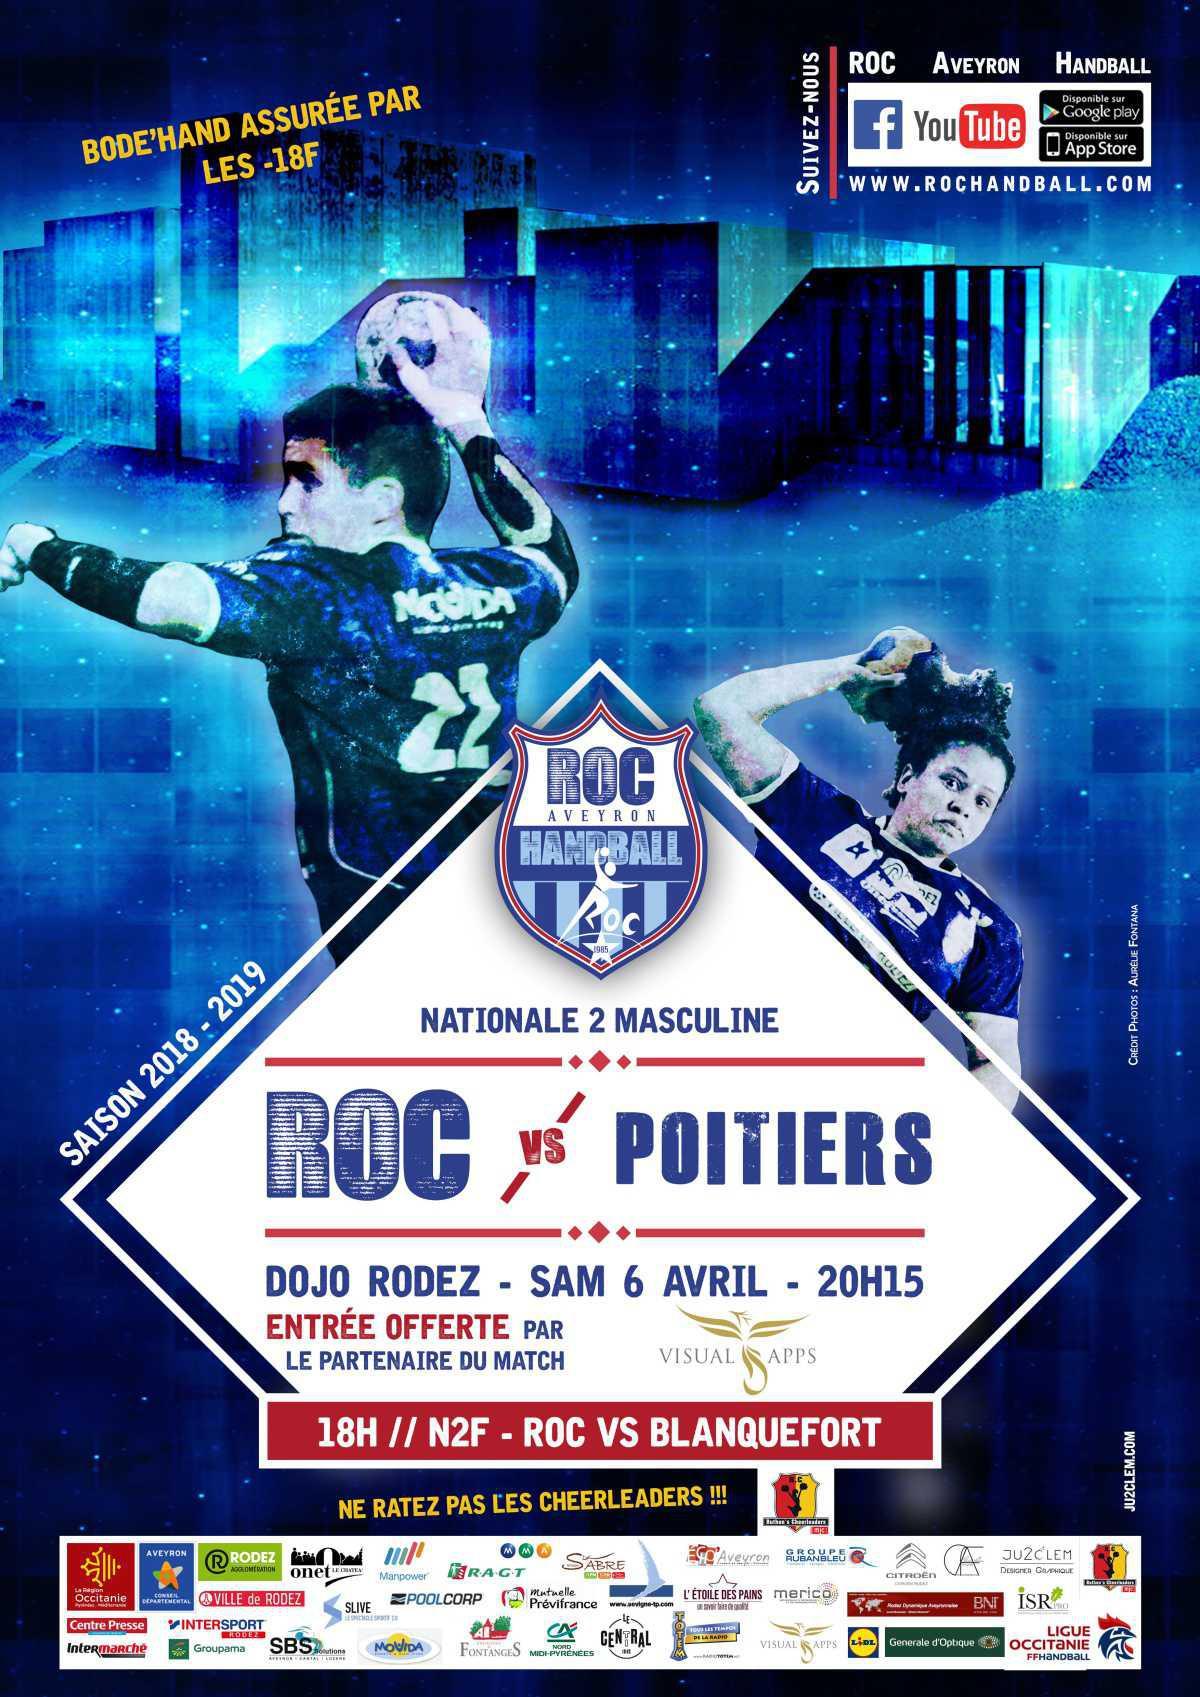 Matchs N2'S - samedi... et c'est à domicile!